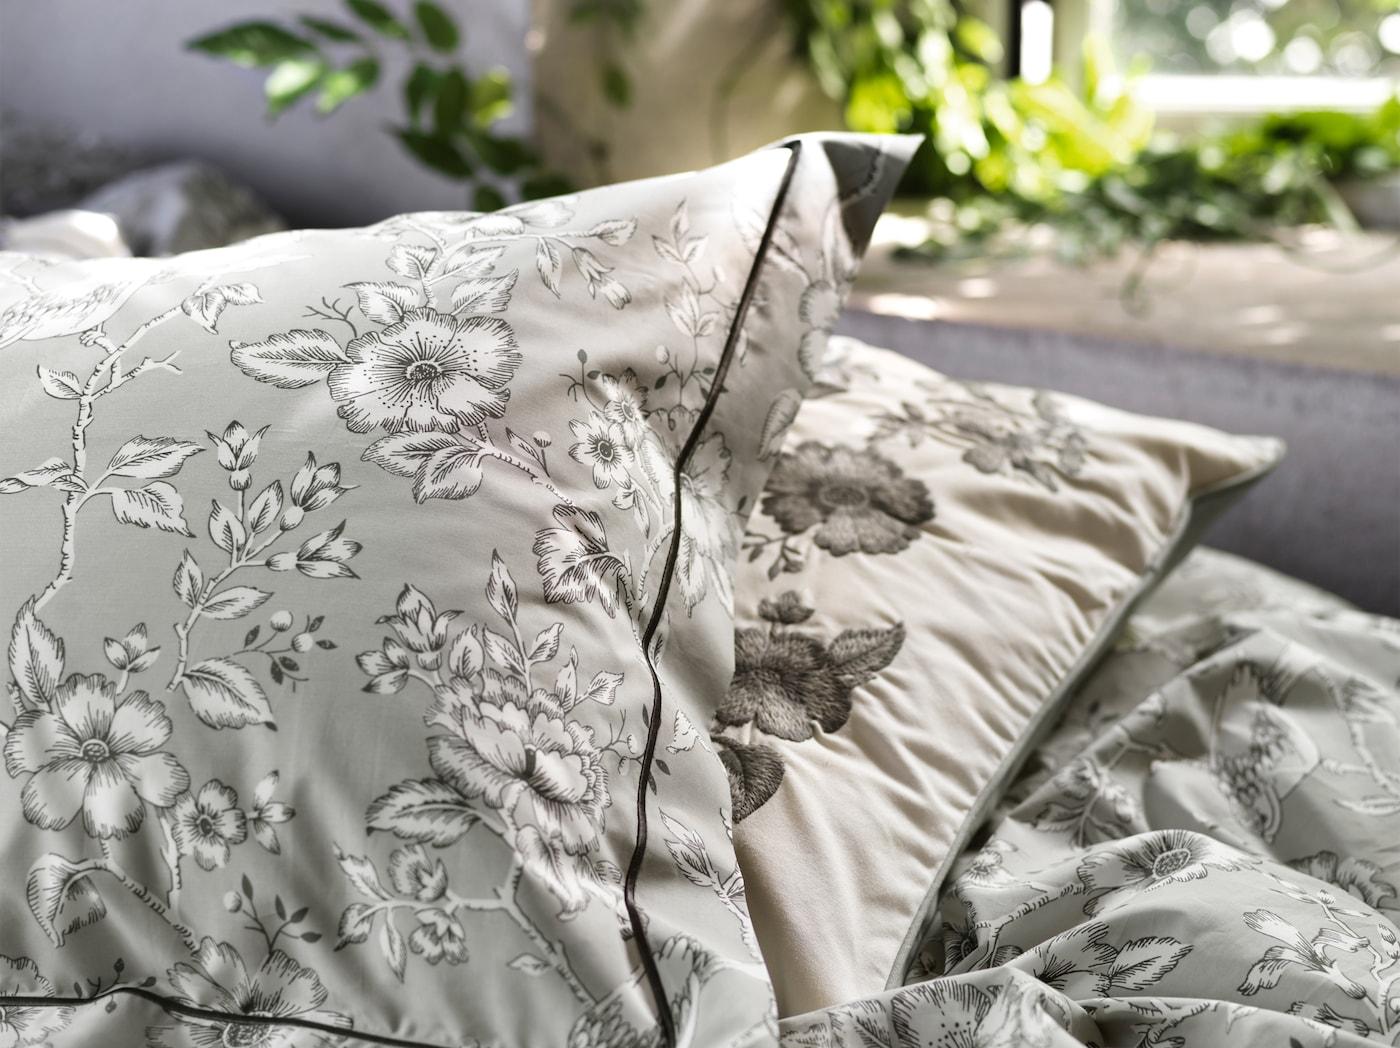 صورة مقربة لغطاء لحاف وغطاء مخدةPRAKTBRÄCKA رمادي بنقوش زهور تقليدية أسود وأبيض.